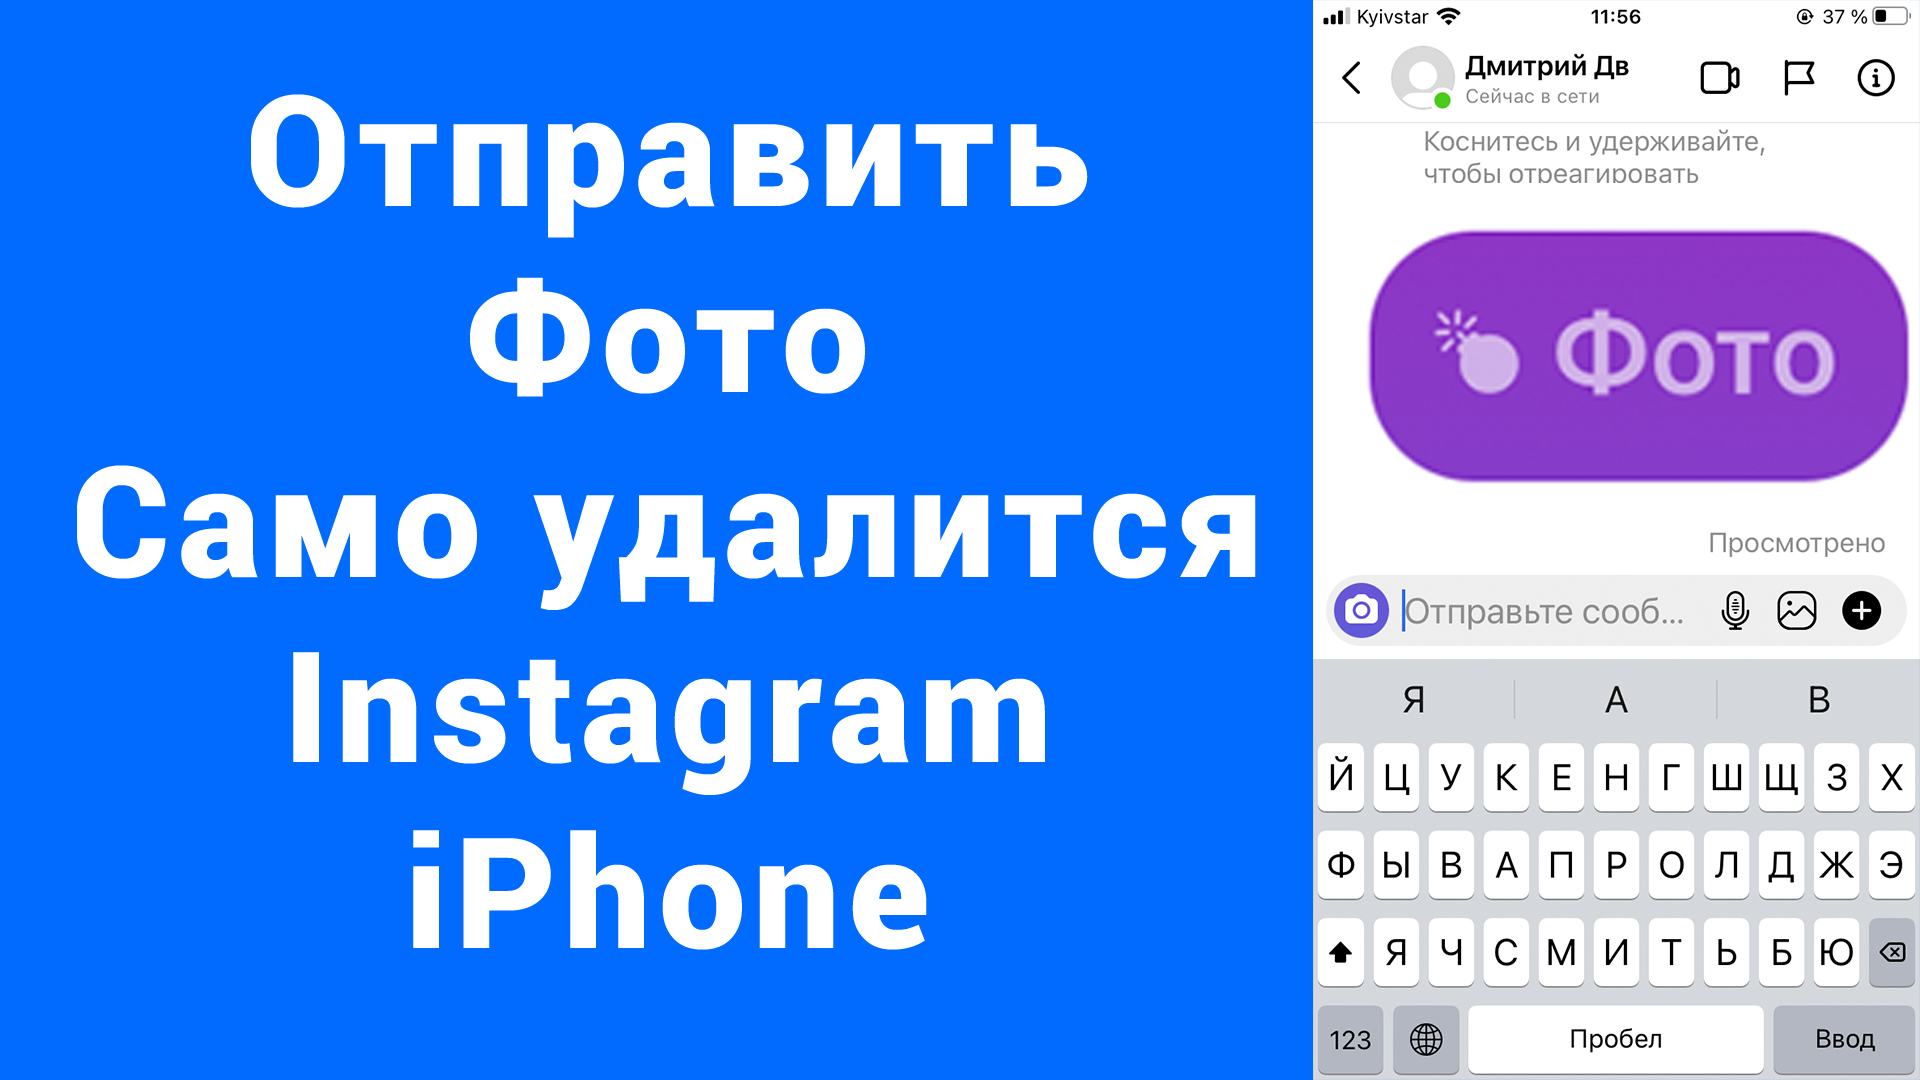 Как отправить Исчезающее фото Instagram iPhone с бомбой